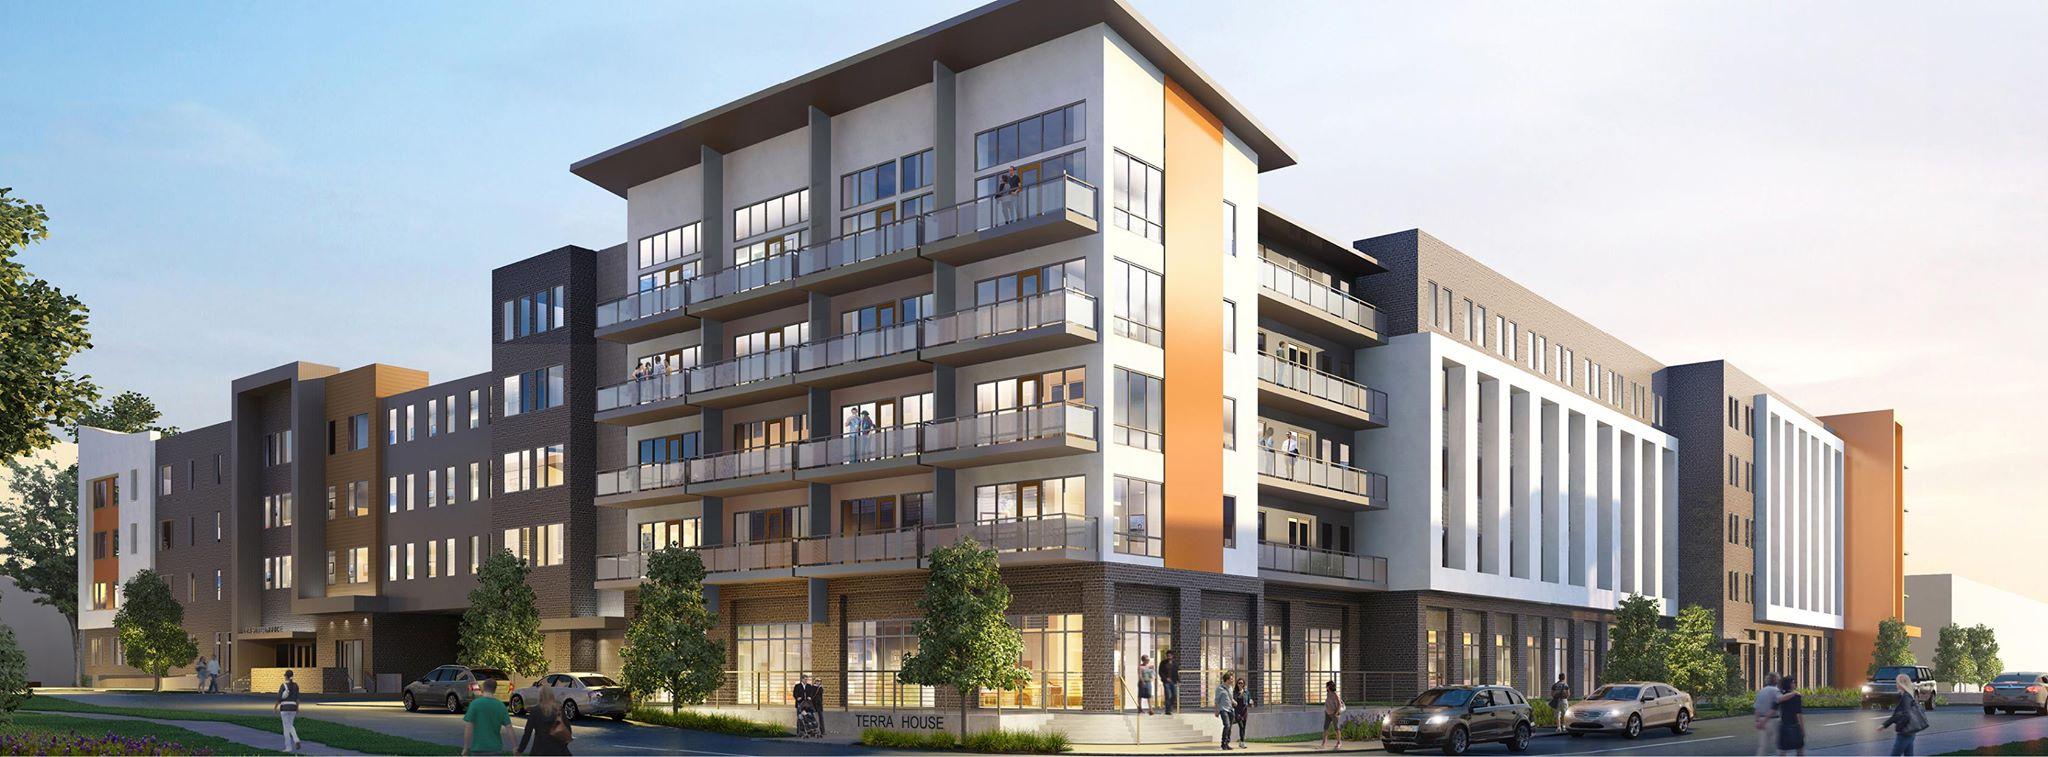 Image Result For Home Design Nashville